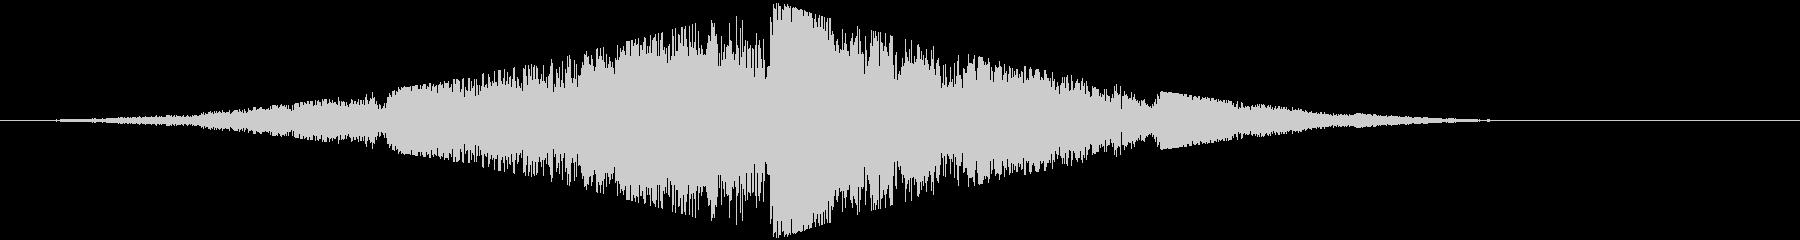 音楽の移行;テンスフルオーケストラ...の未再生の波形